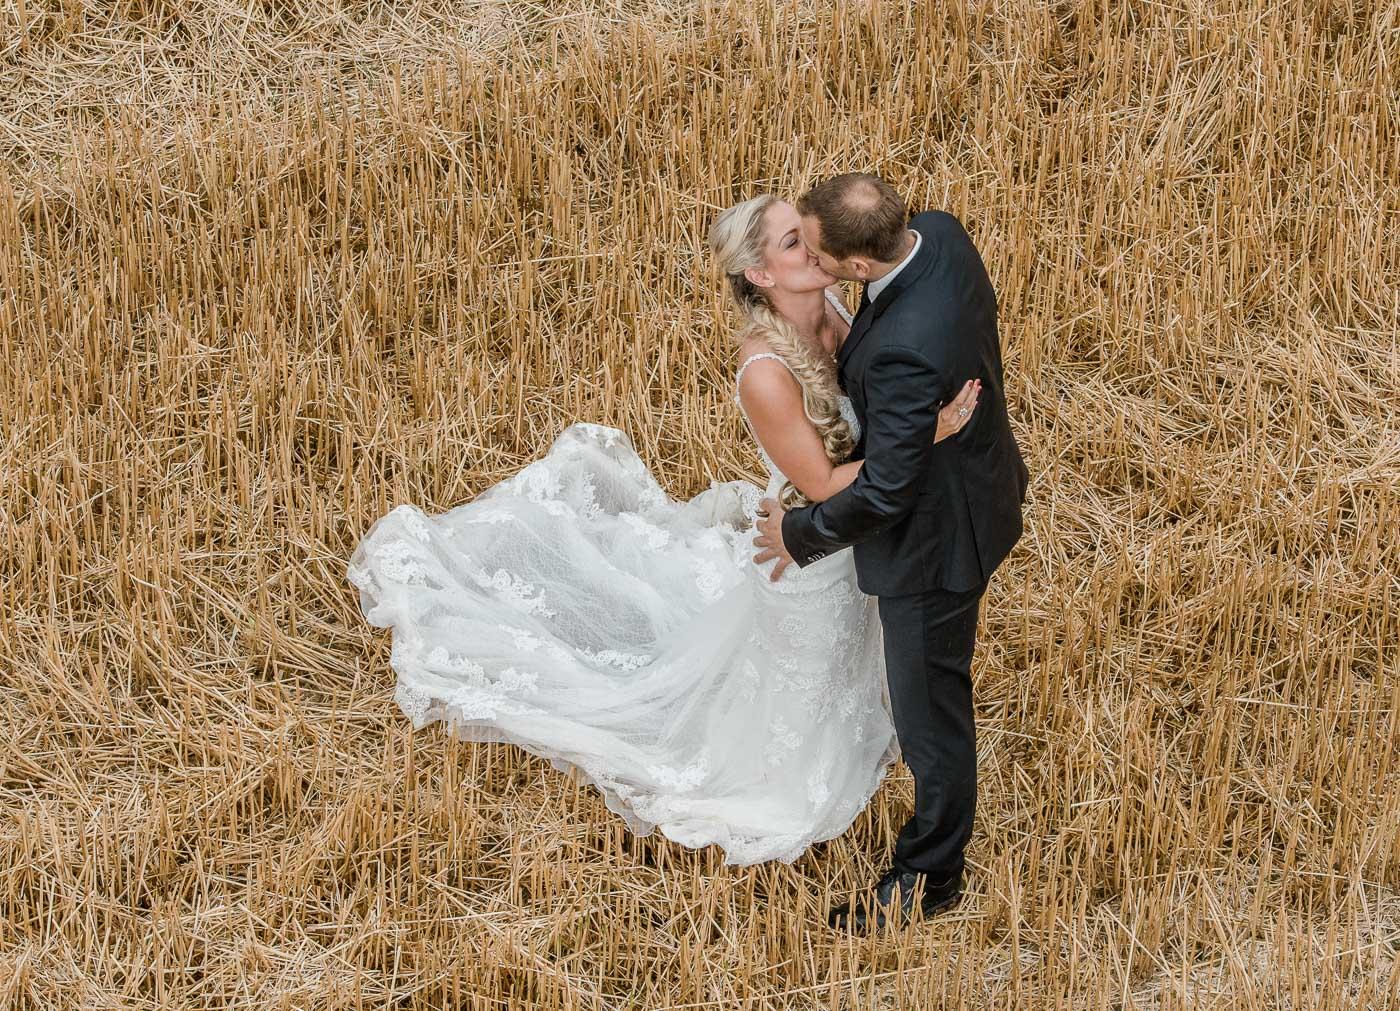 Brautpaar im Feld küssend